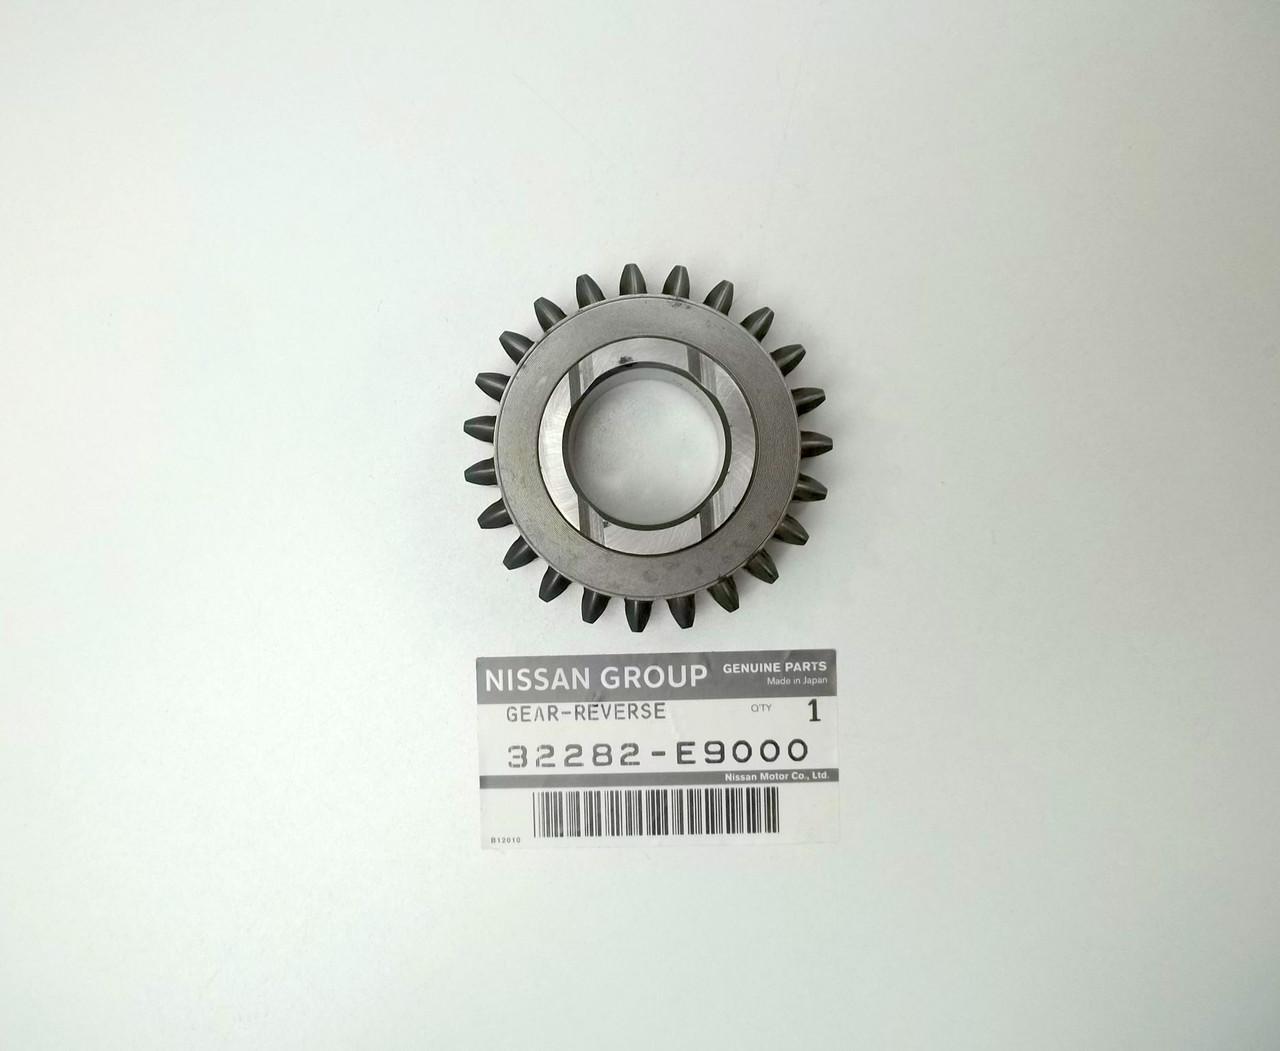 32282-E9000c